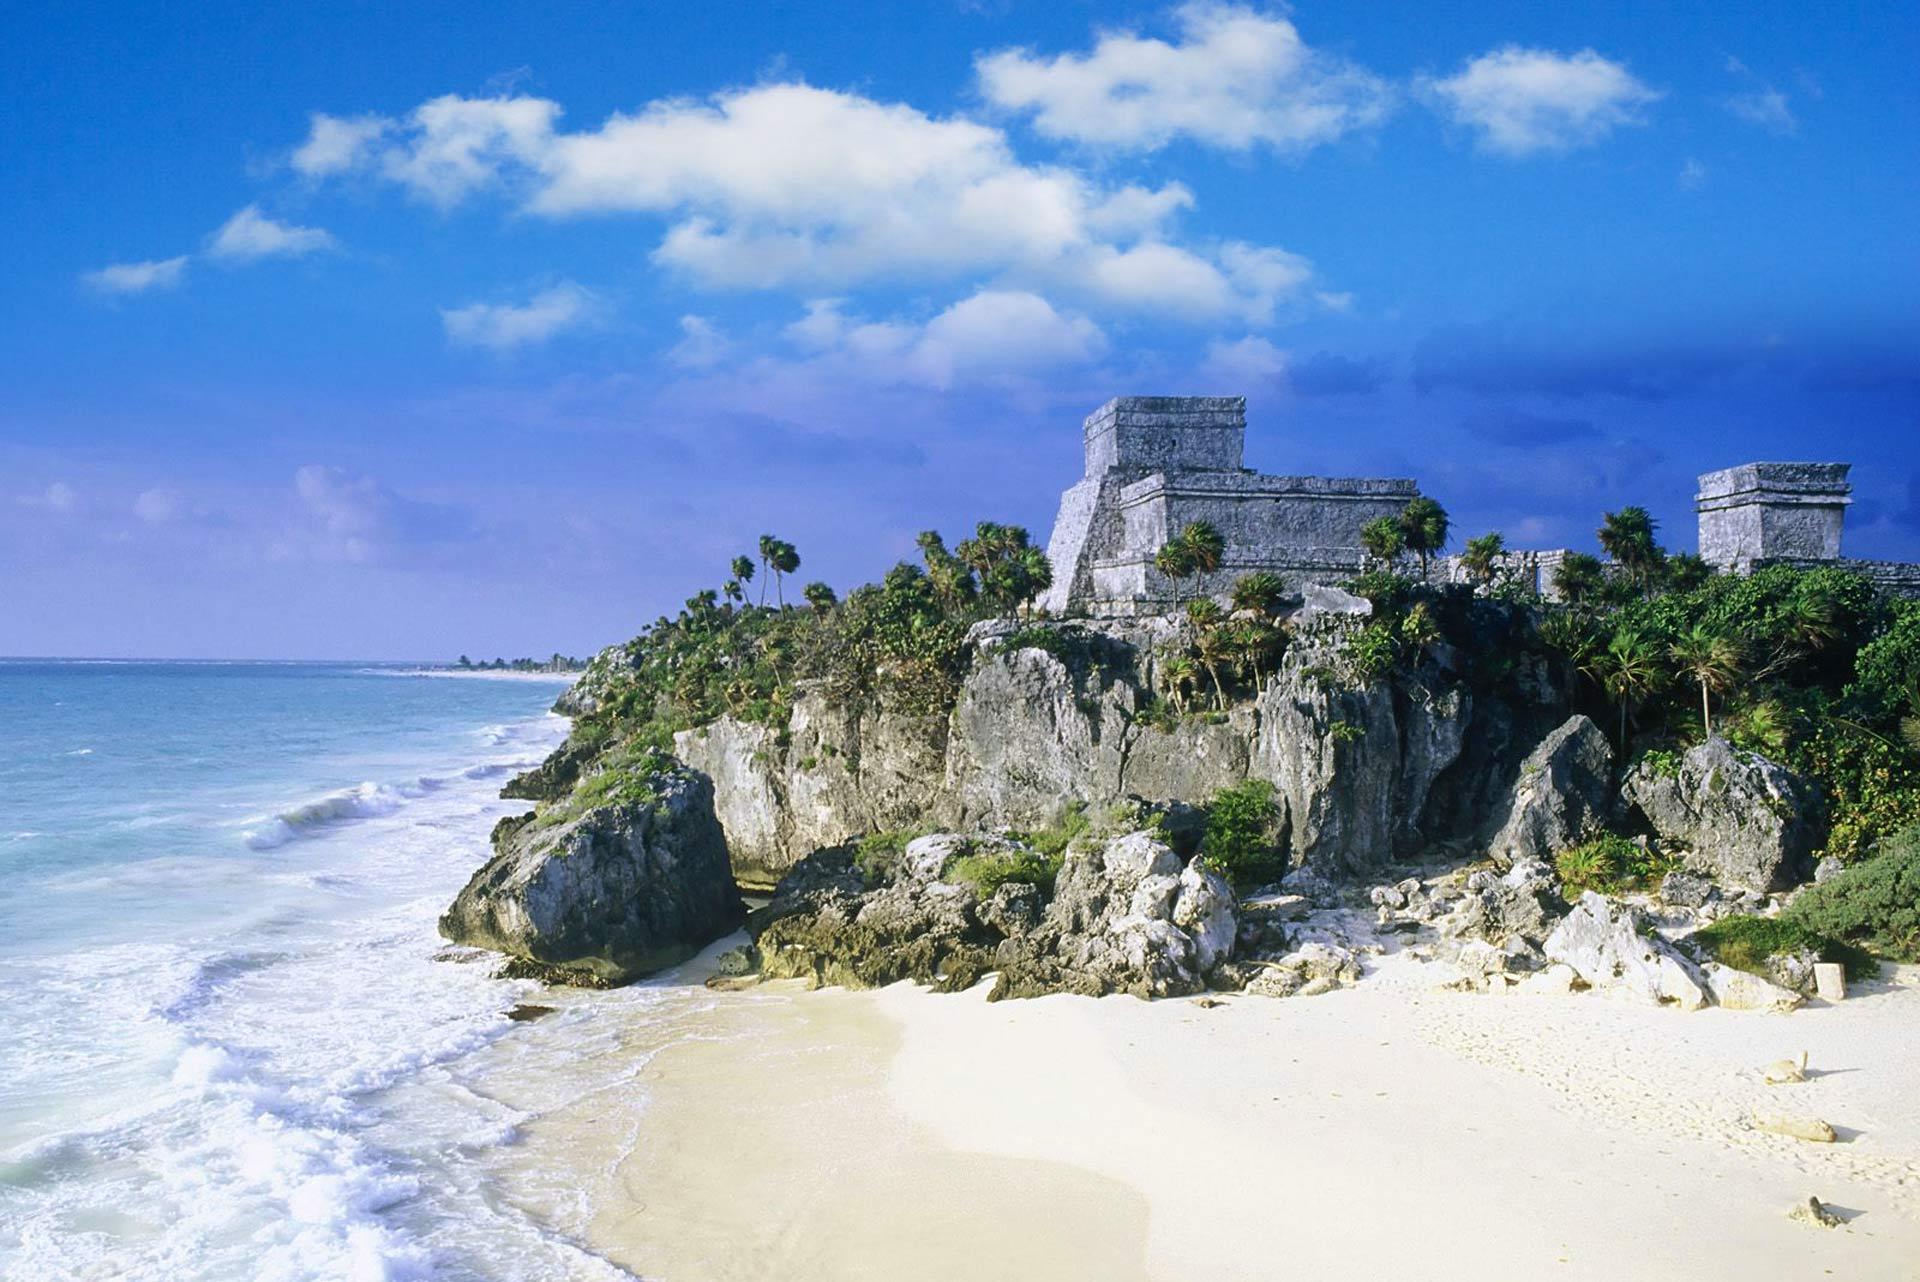 Playa del carmen wallpapers wallpapersafari - Playa wallpaper ...